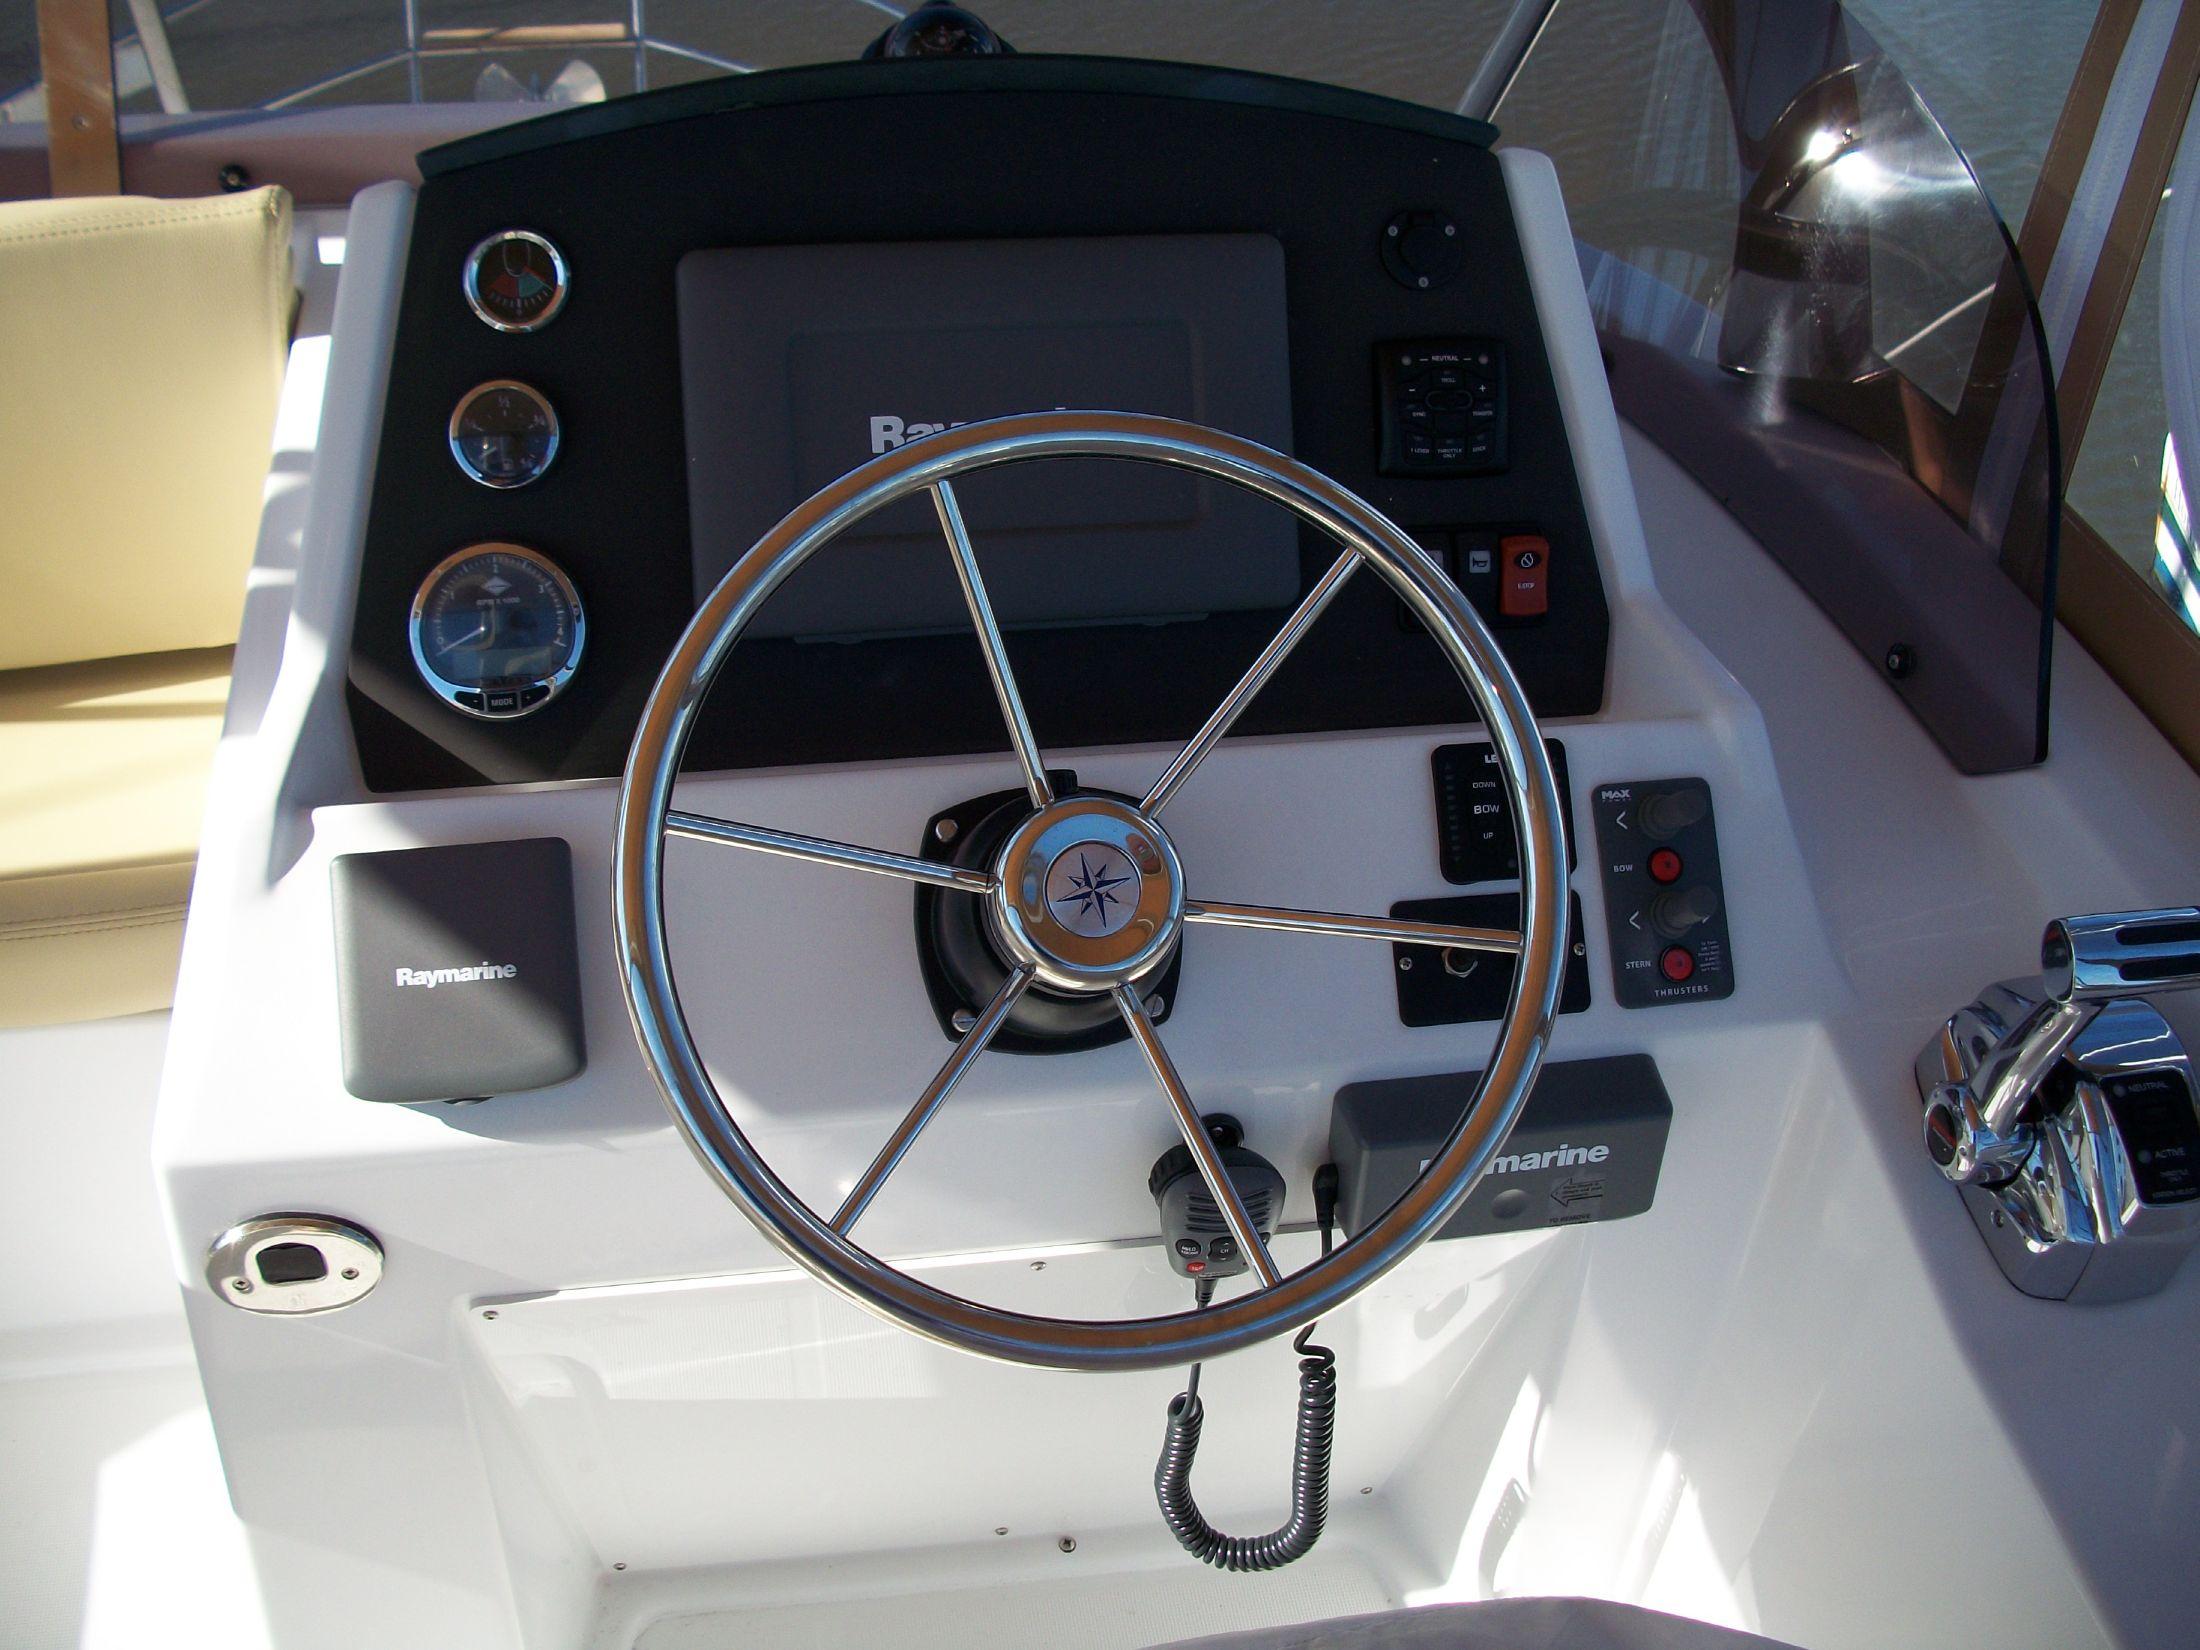 Bridge deck helm